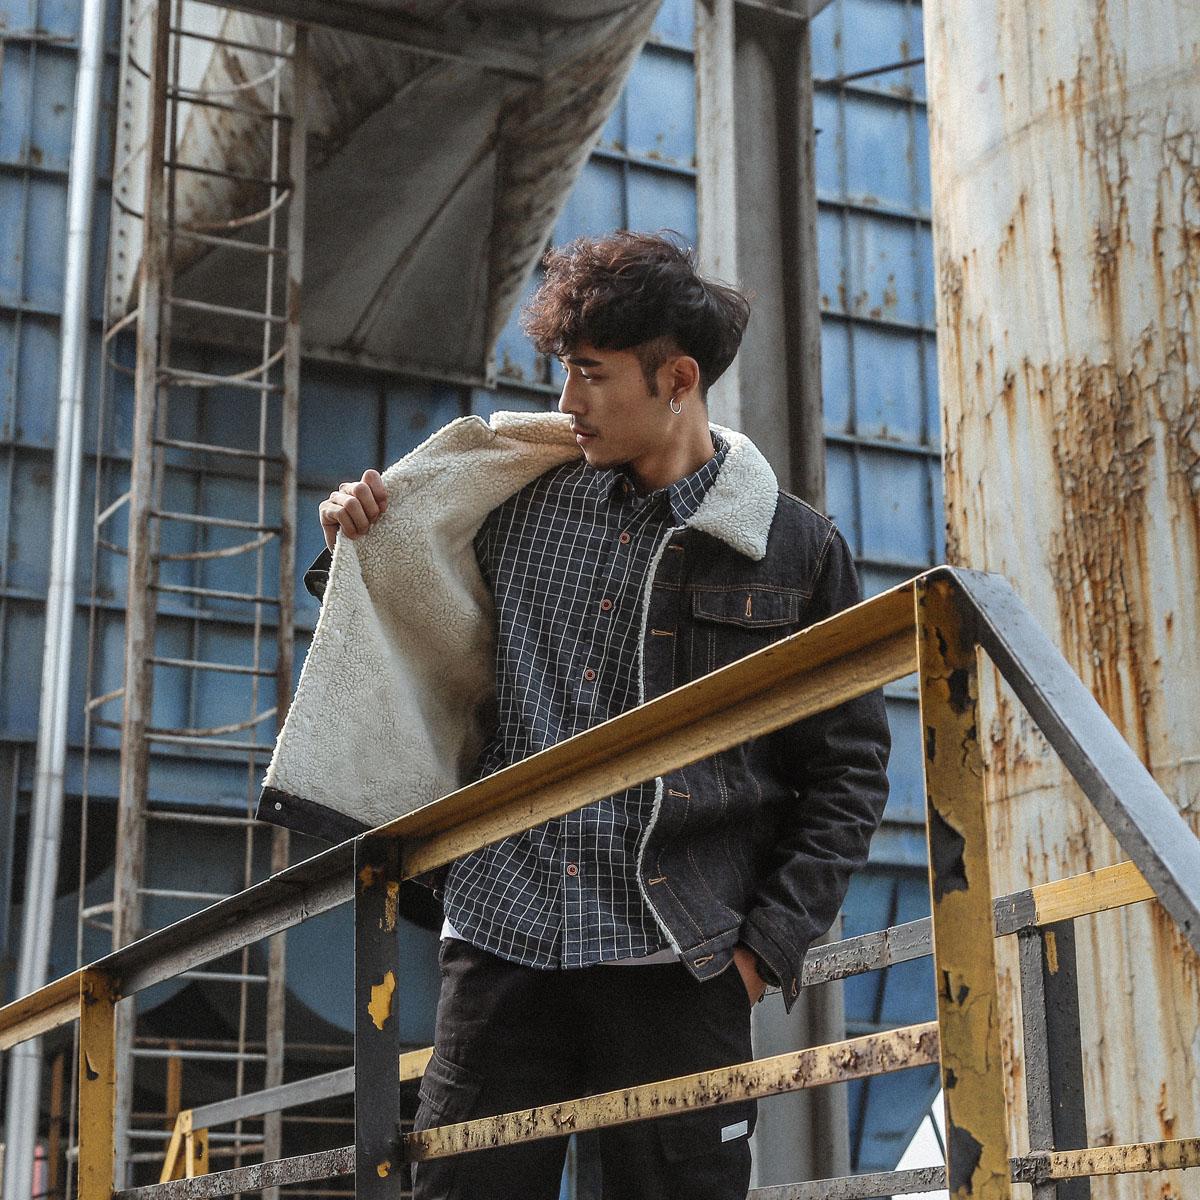 羊羔毛牛仔外套欧美日系男棉服冬季工装潮毛领加绒加厚棉衣外套图片